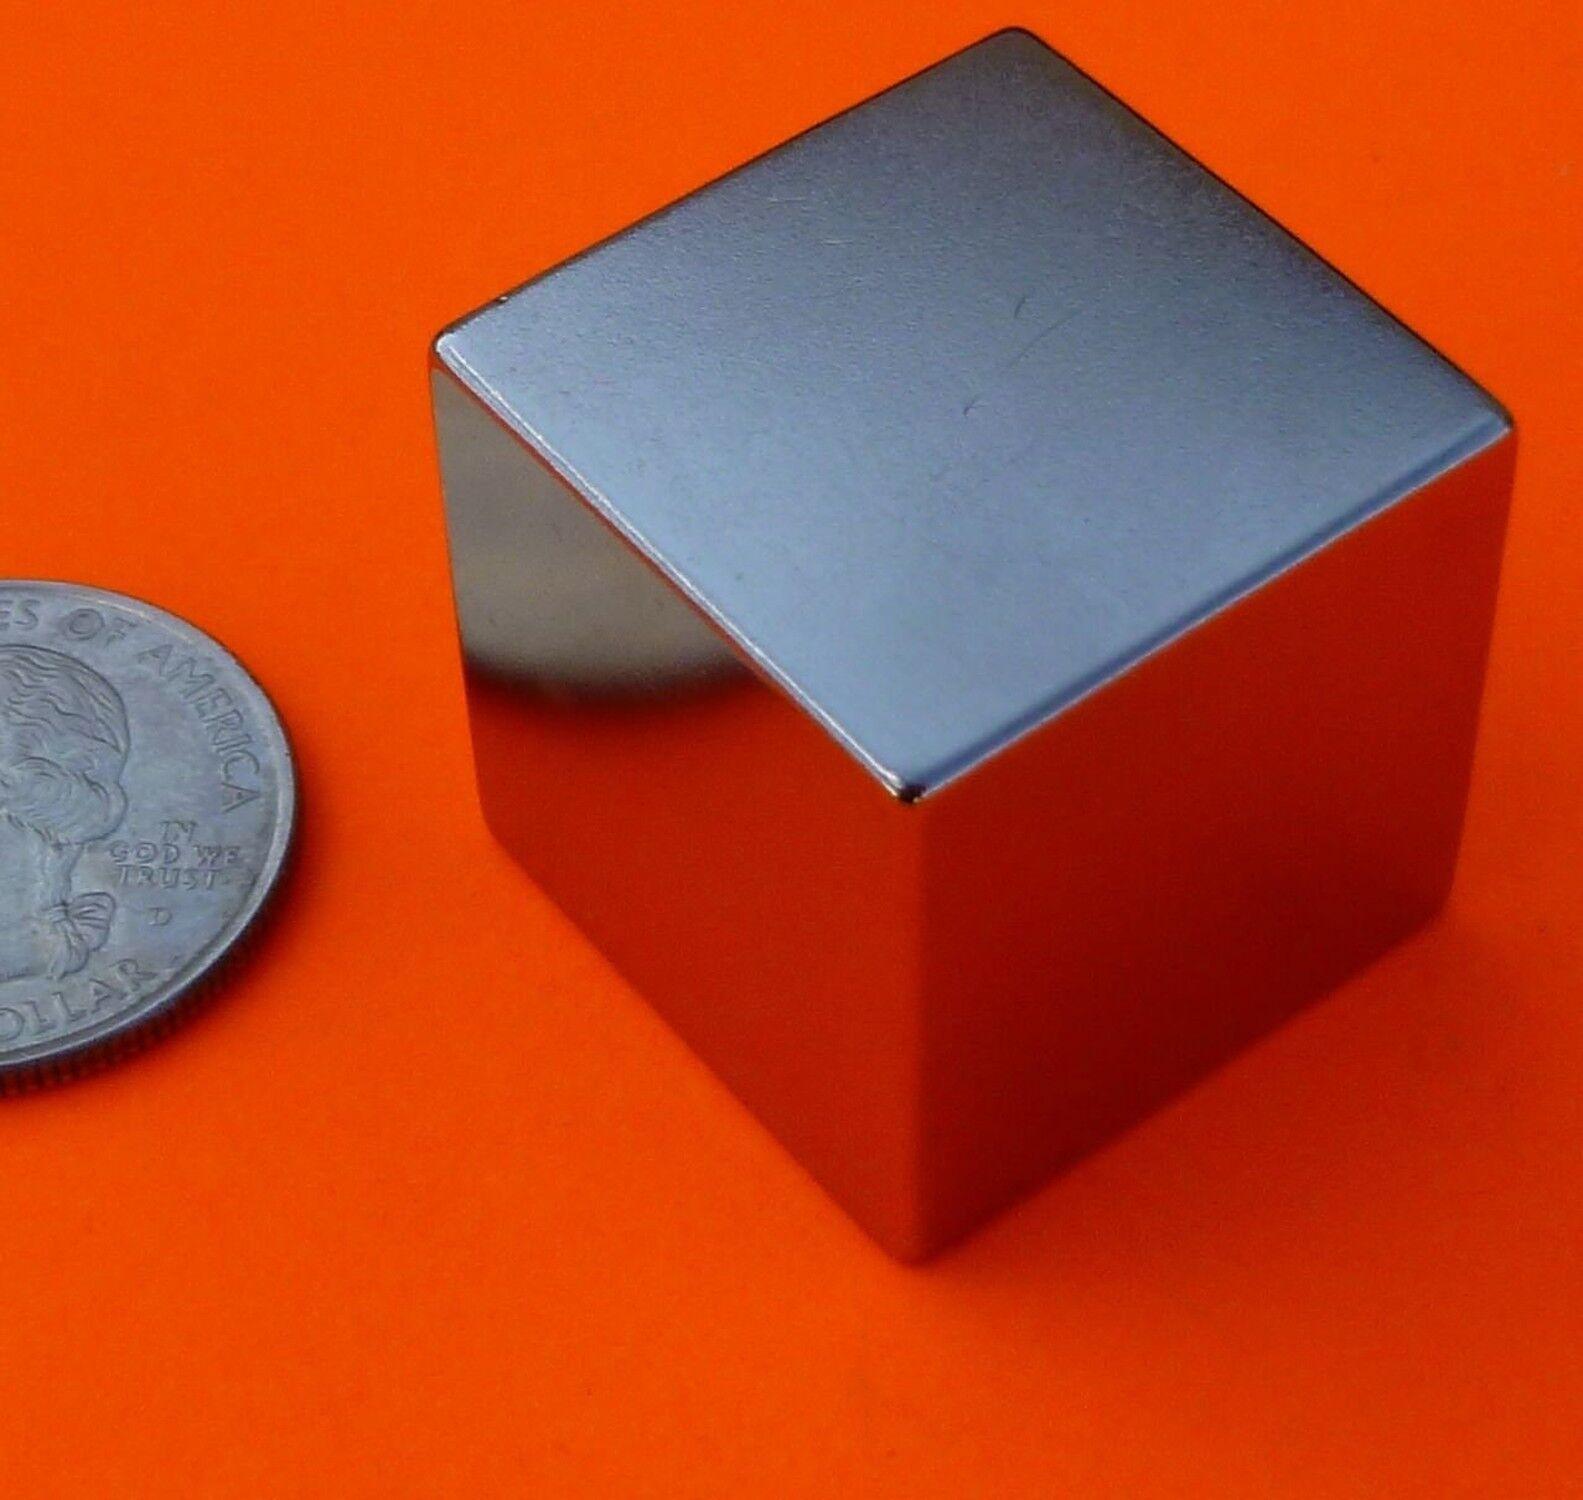 5pcs N52 Disco imanes del im/án magn/ético 20x3mm con el Agujero de 5 mm GZN-CITIE